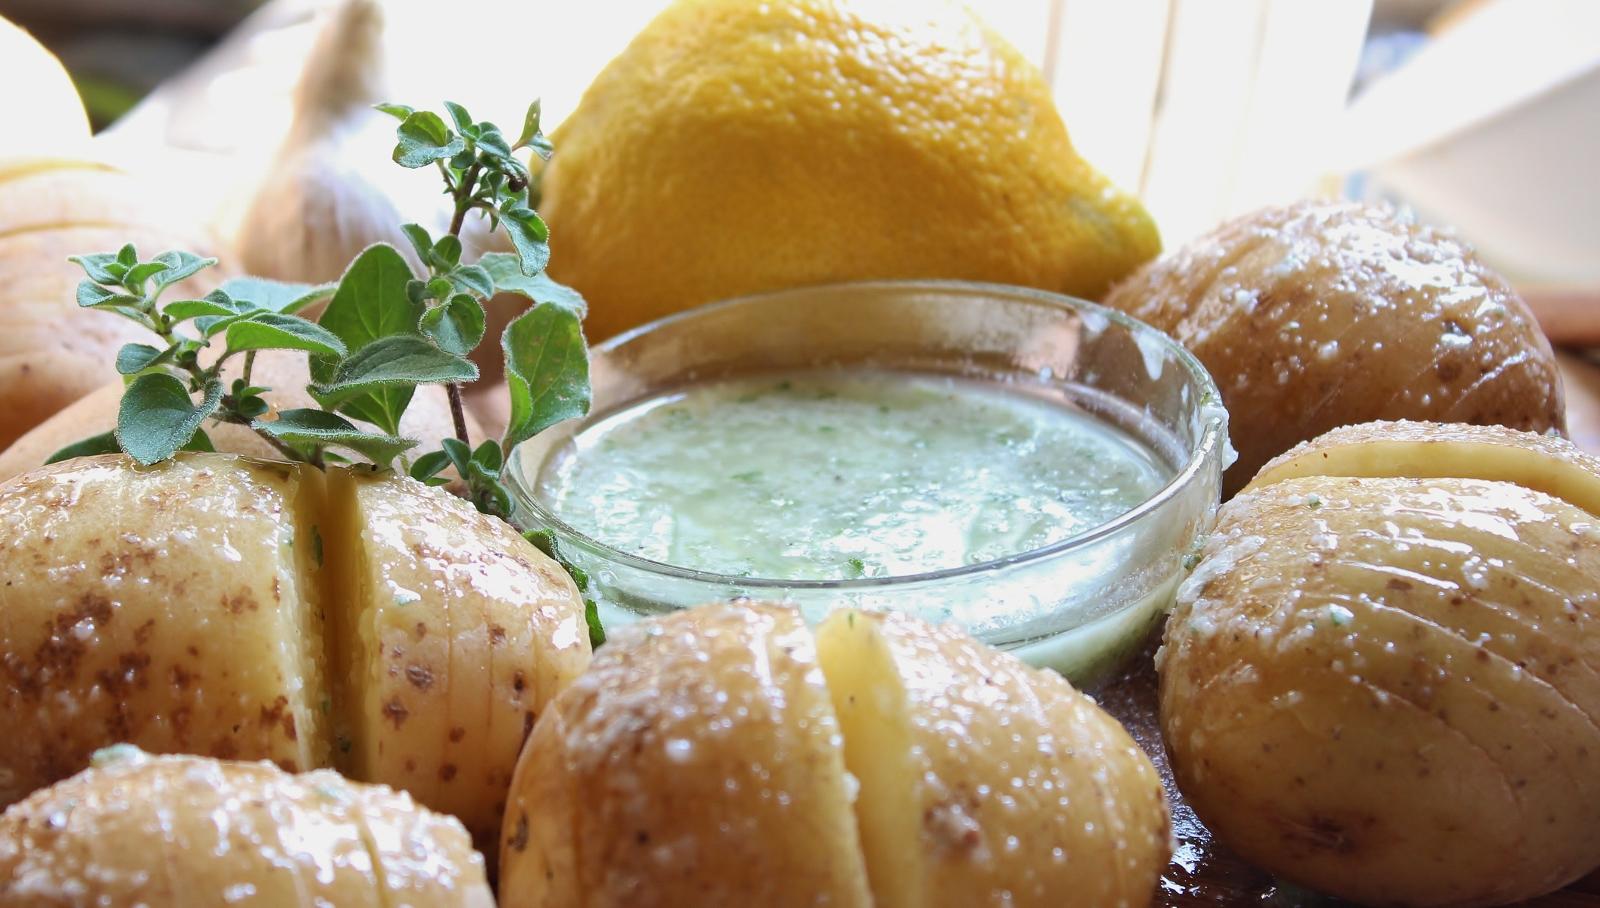 patates hasselback (1600x908)